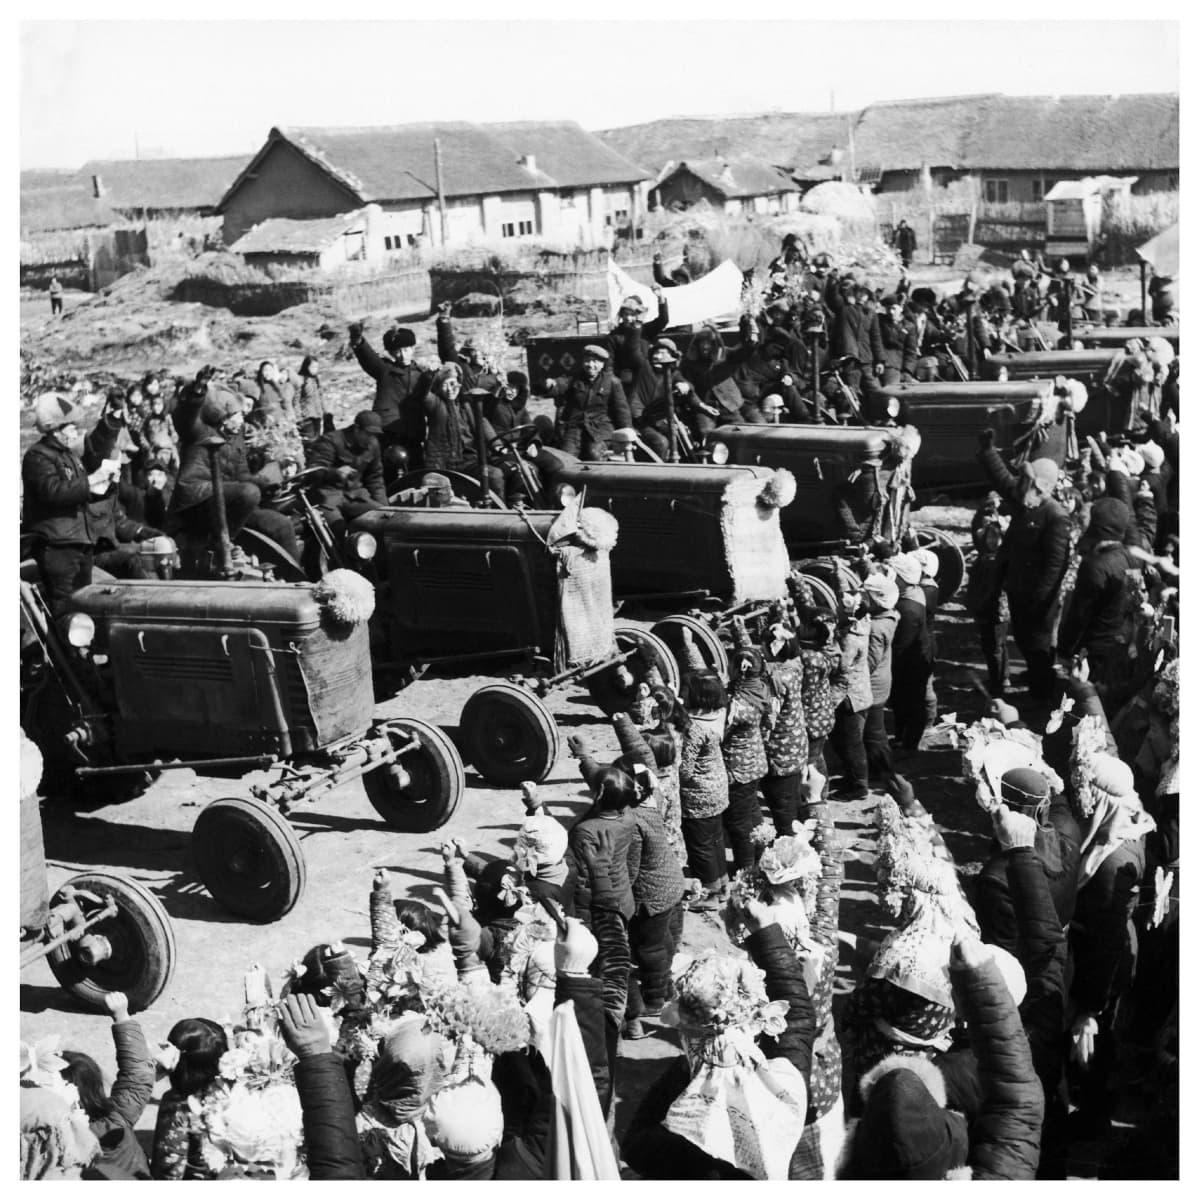 Kiinalaisia talonpoikia 1950-luvulla.